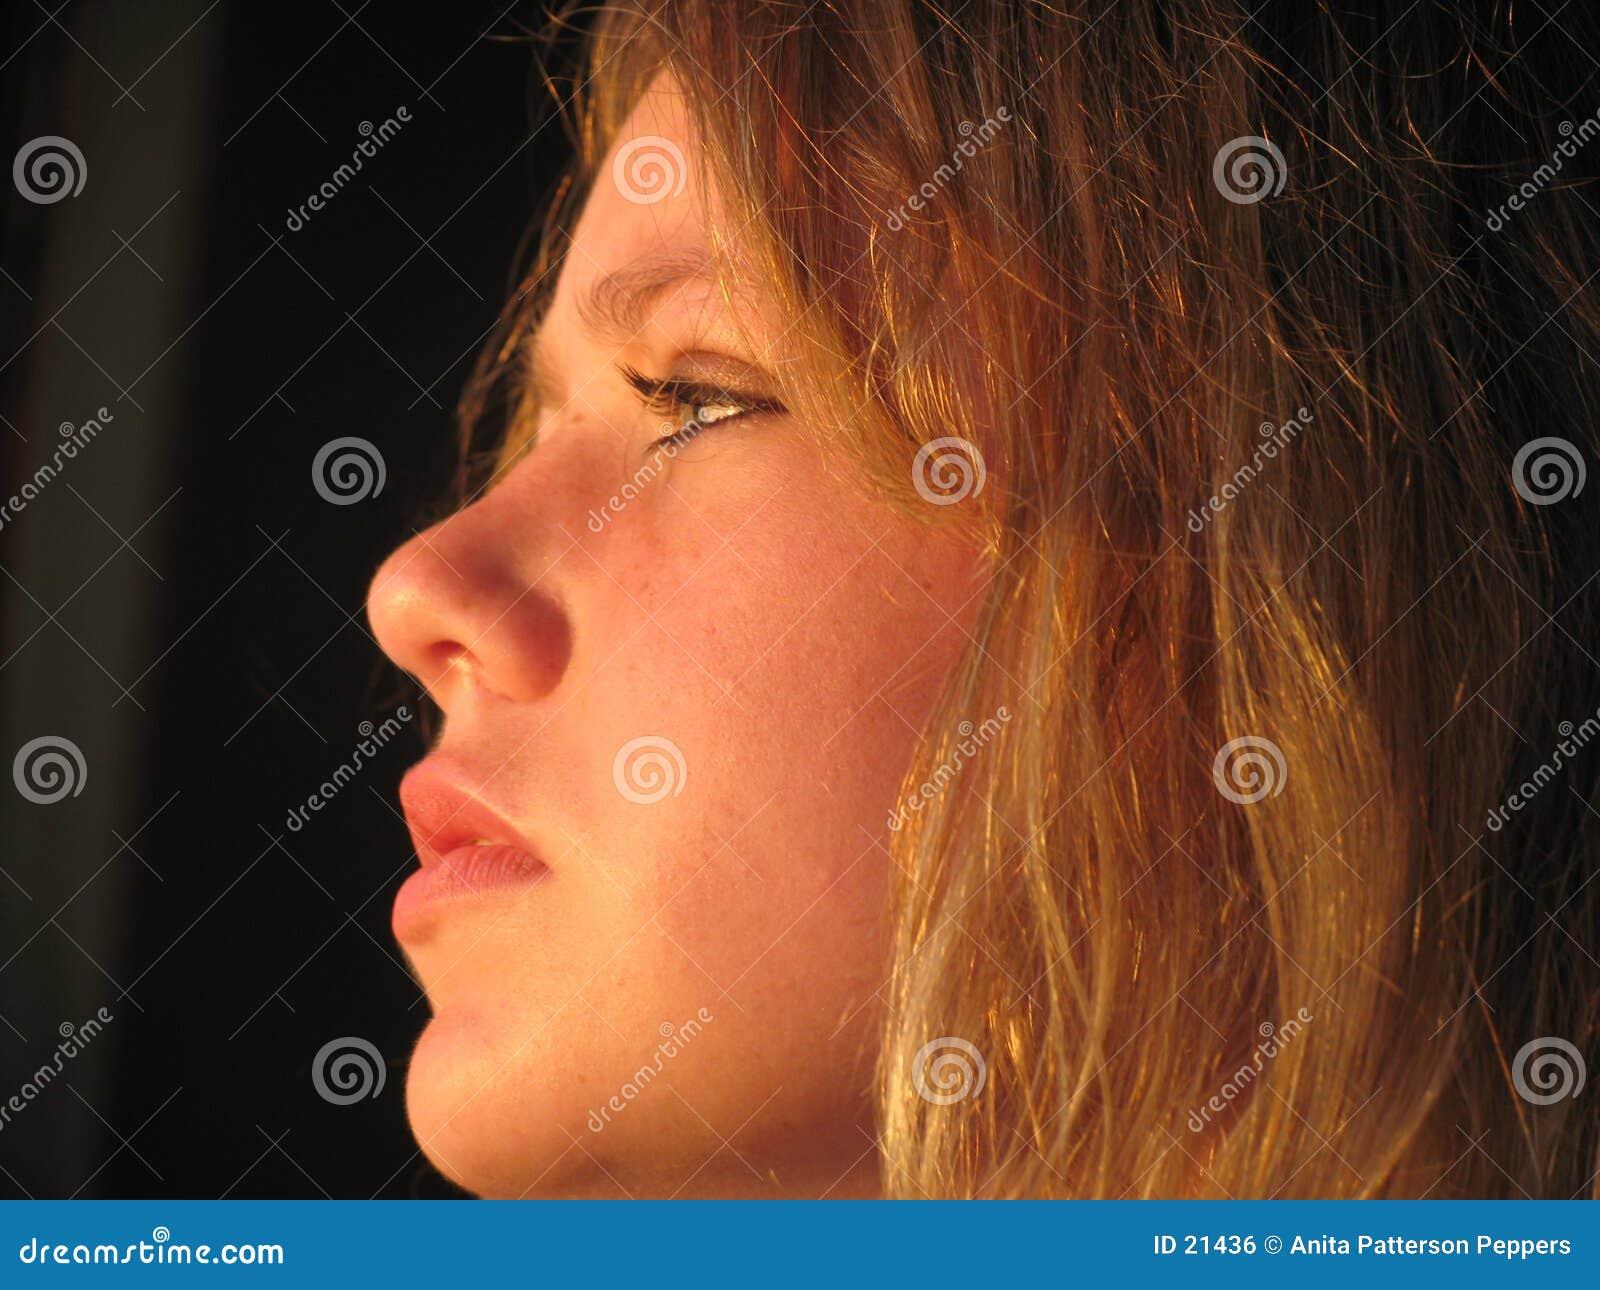 Junge Frau im Profil